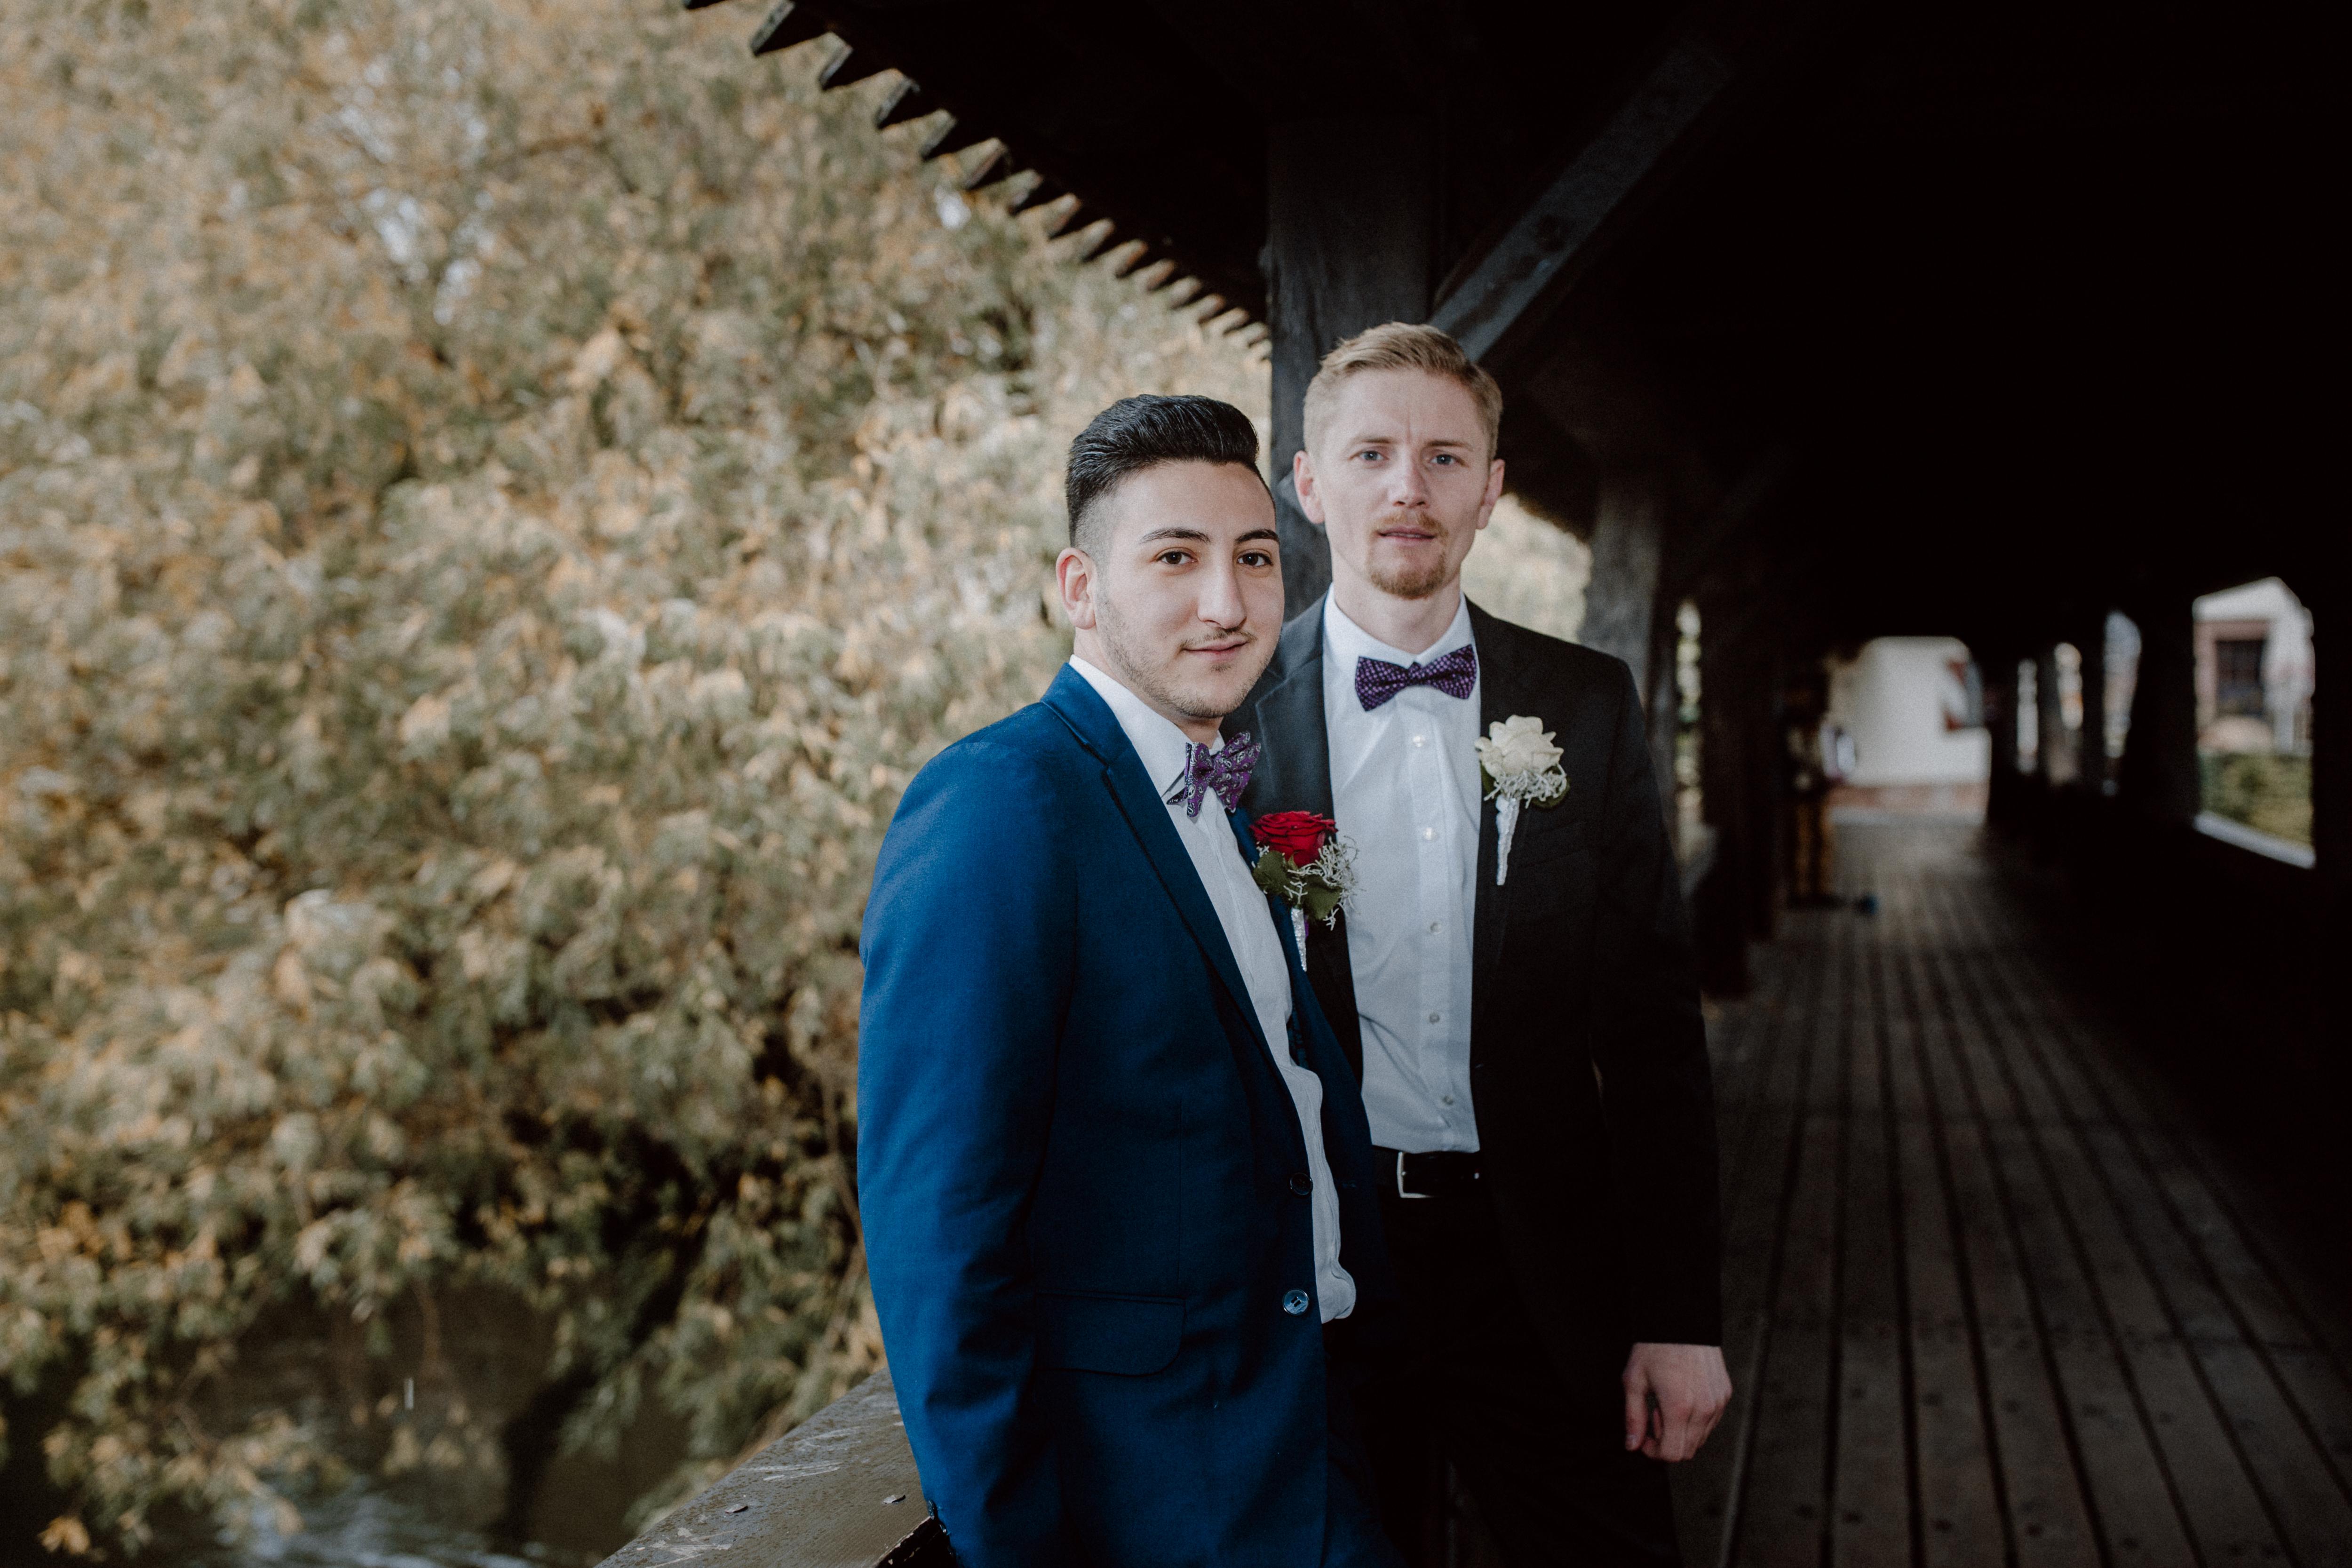 URBANERIE_Daniela_Goth_Hochzeitsfotografin_Nürnberg_Fürth_Erlangen_Schwabach_171110_0588